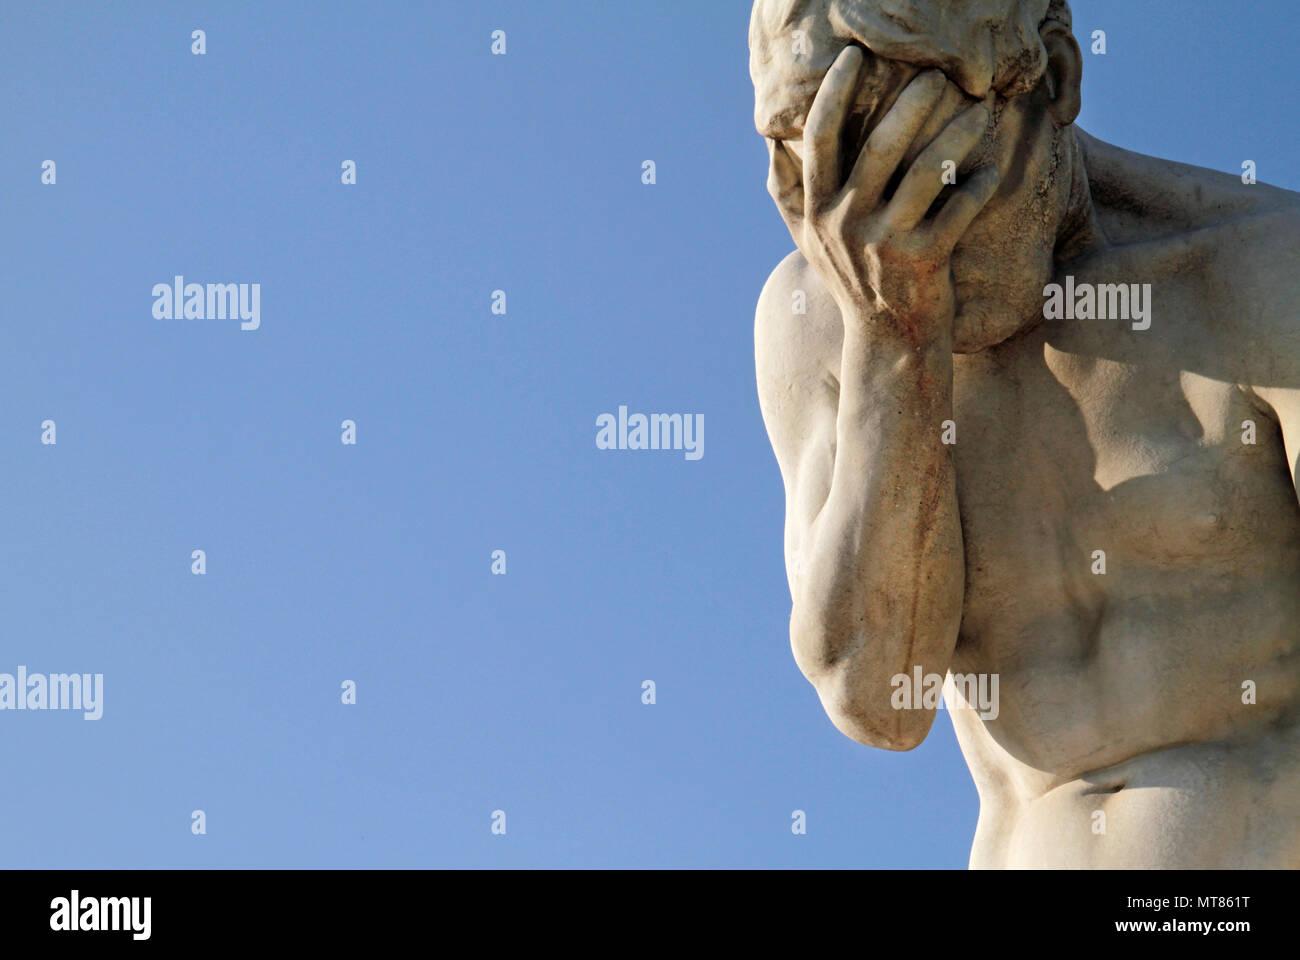 Facepalm Statue - Traurigkeit, Ungläubigkeit, Depression, Kopfschmerzen Stockbild